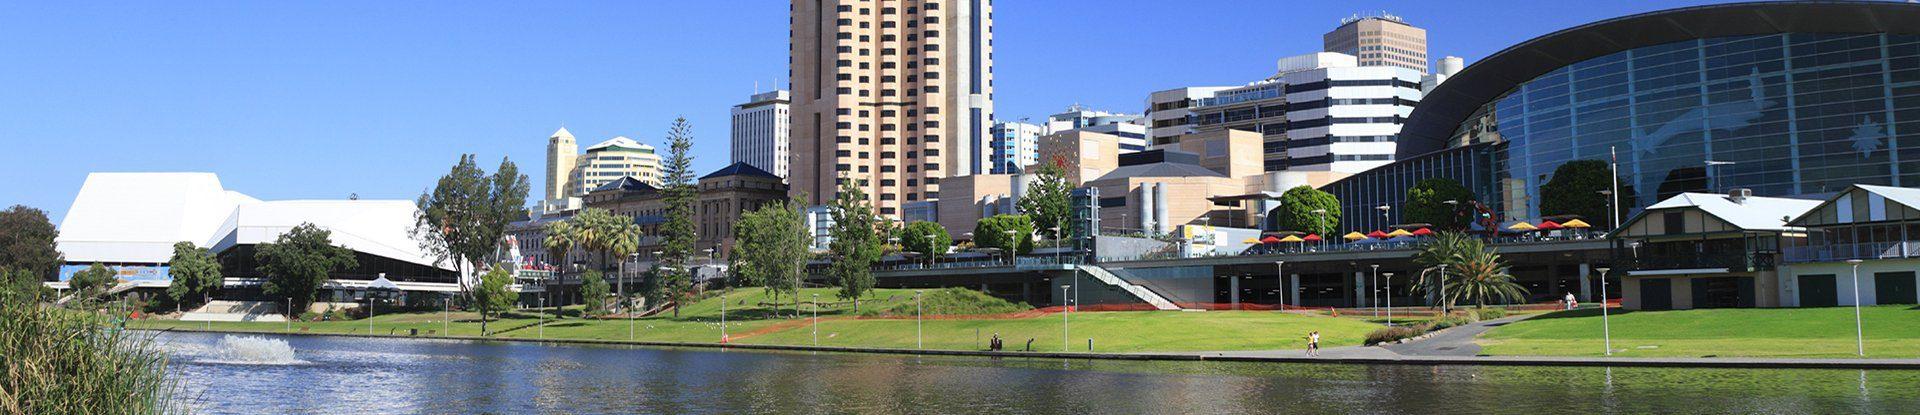 Adelaide banner 1